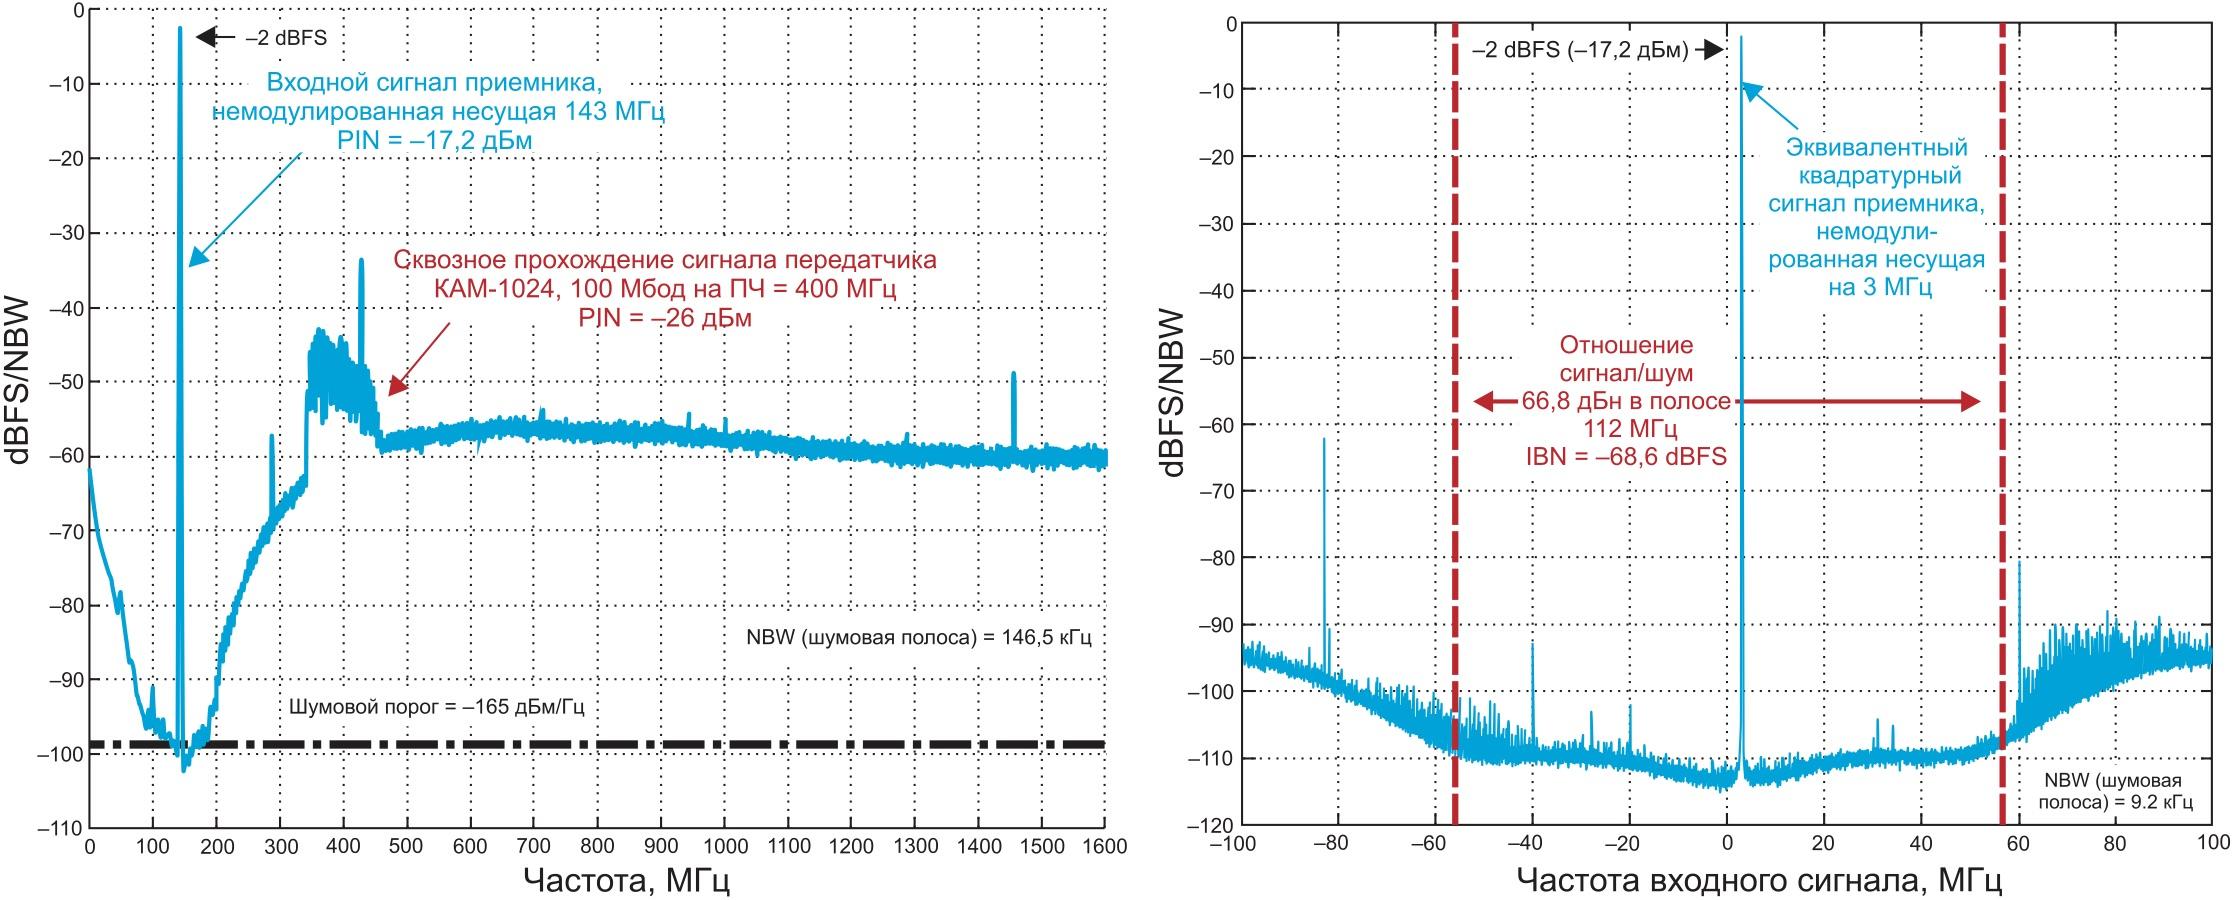 Иллюстрация измеренного динамического диапазона в приемнике на базе комбинации HMC740 и AD6676 до и после цифрового преобразования с переносом на «нулевую ПЧ»